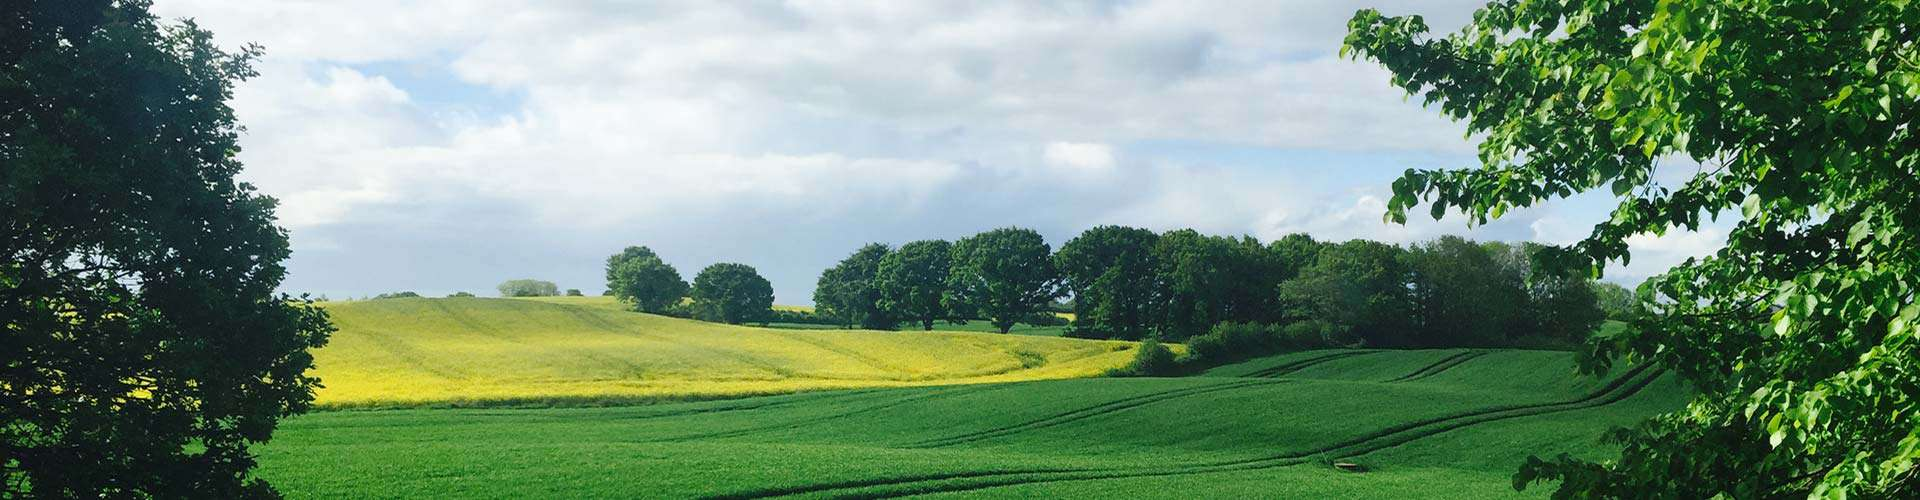 Nordjylland